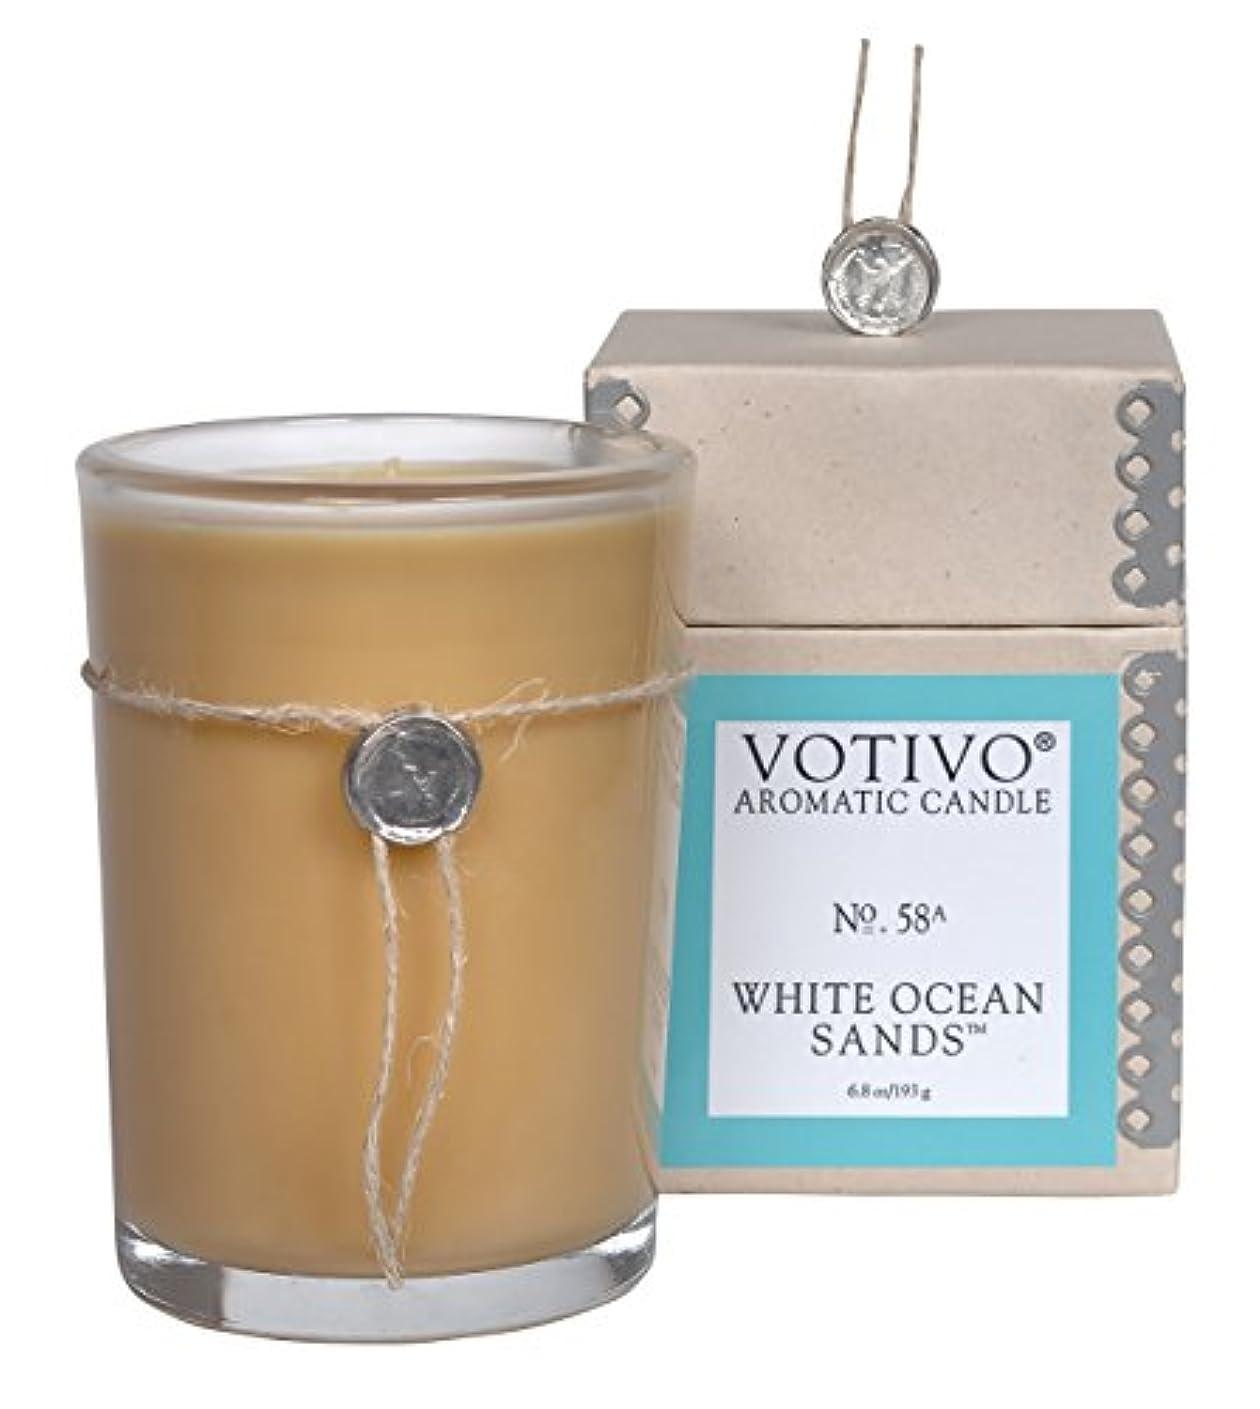 望み悪性ずんぐりしたVOTIVO アロマティック グラスキャンドル ホワイトオーシャンサ